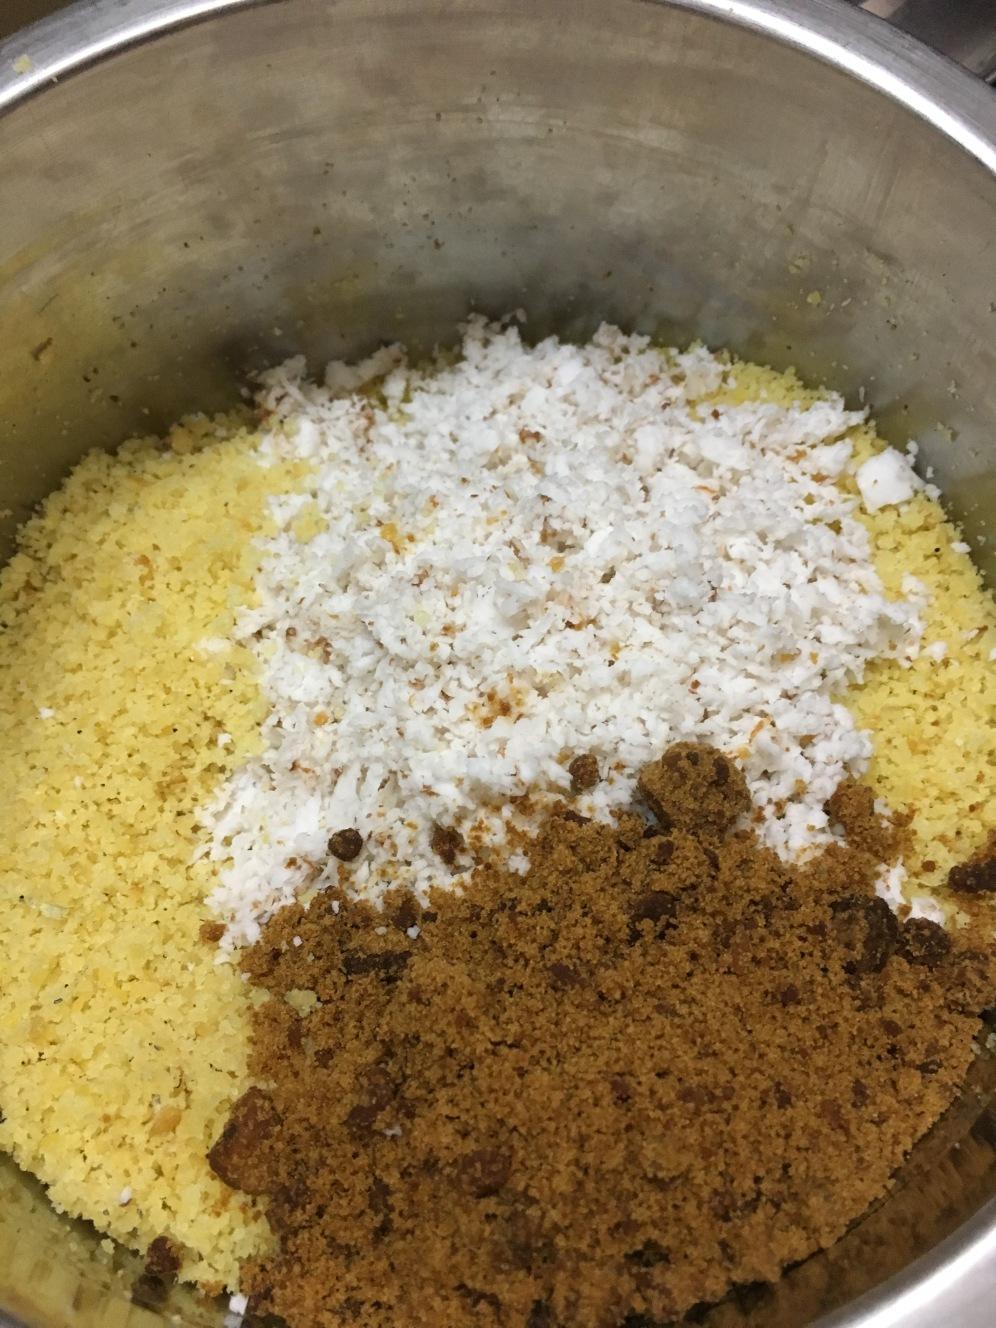 Add jaggery, coconut & cardamom powder